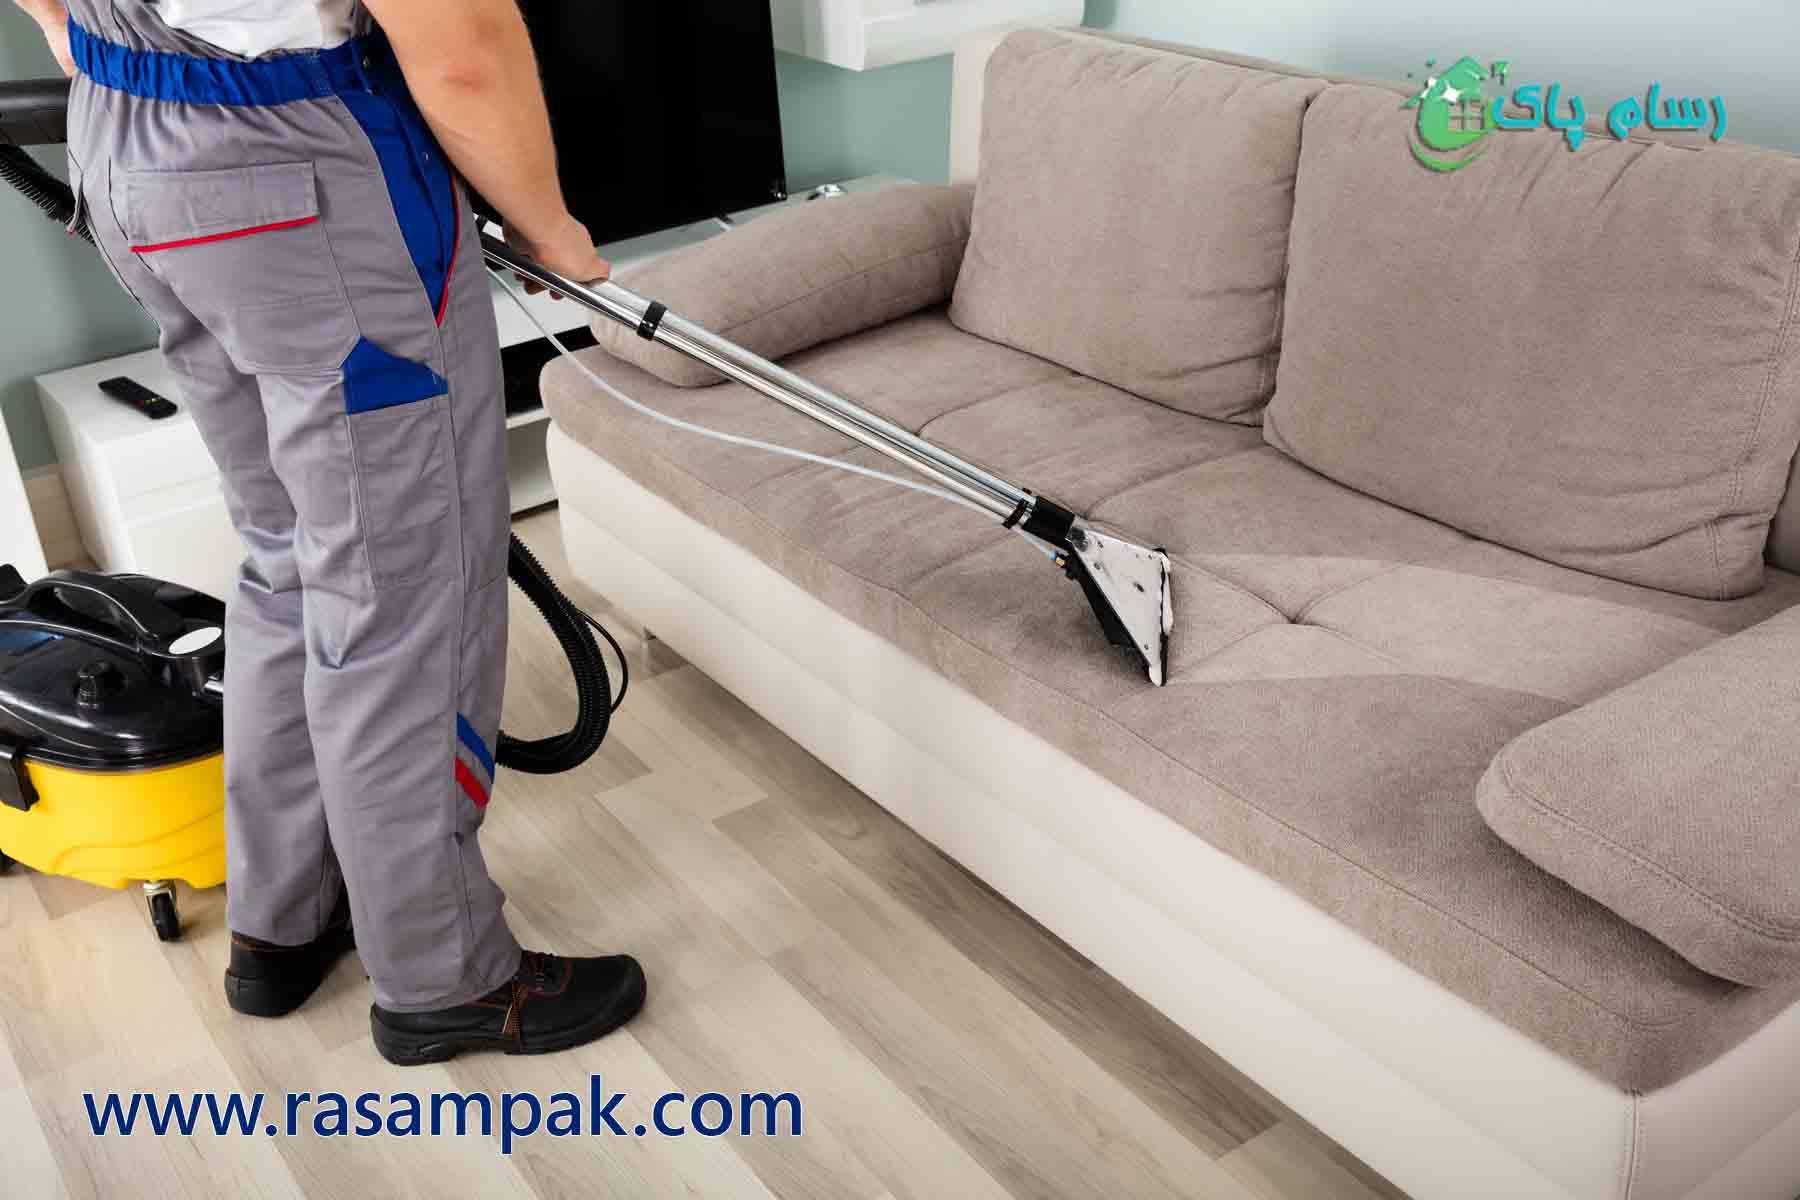 شرکت نظافتی رسام پاک خدمات مبل شویی